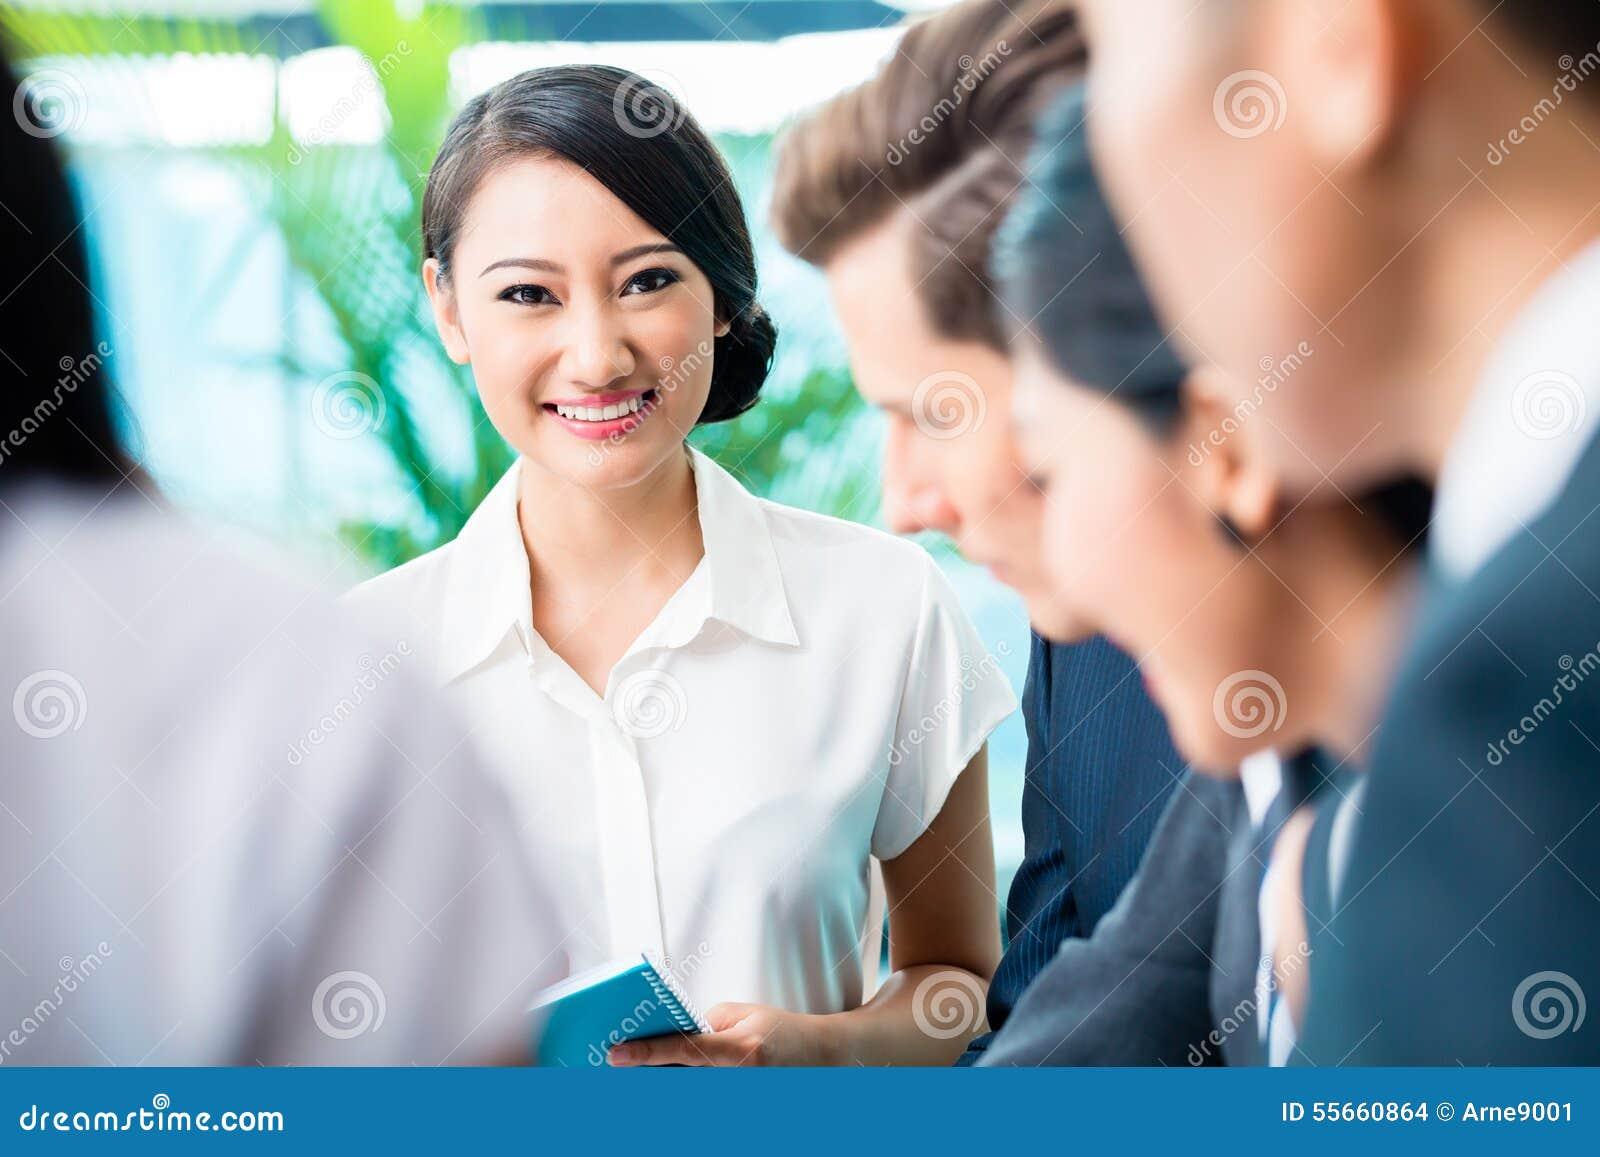 Reunión del equipo del negocio de ejecutivos asiáticos y caucásicos